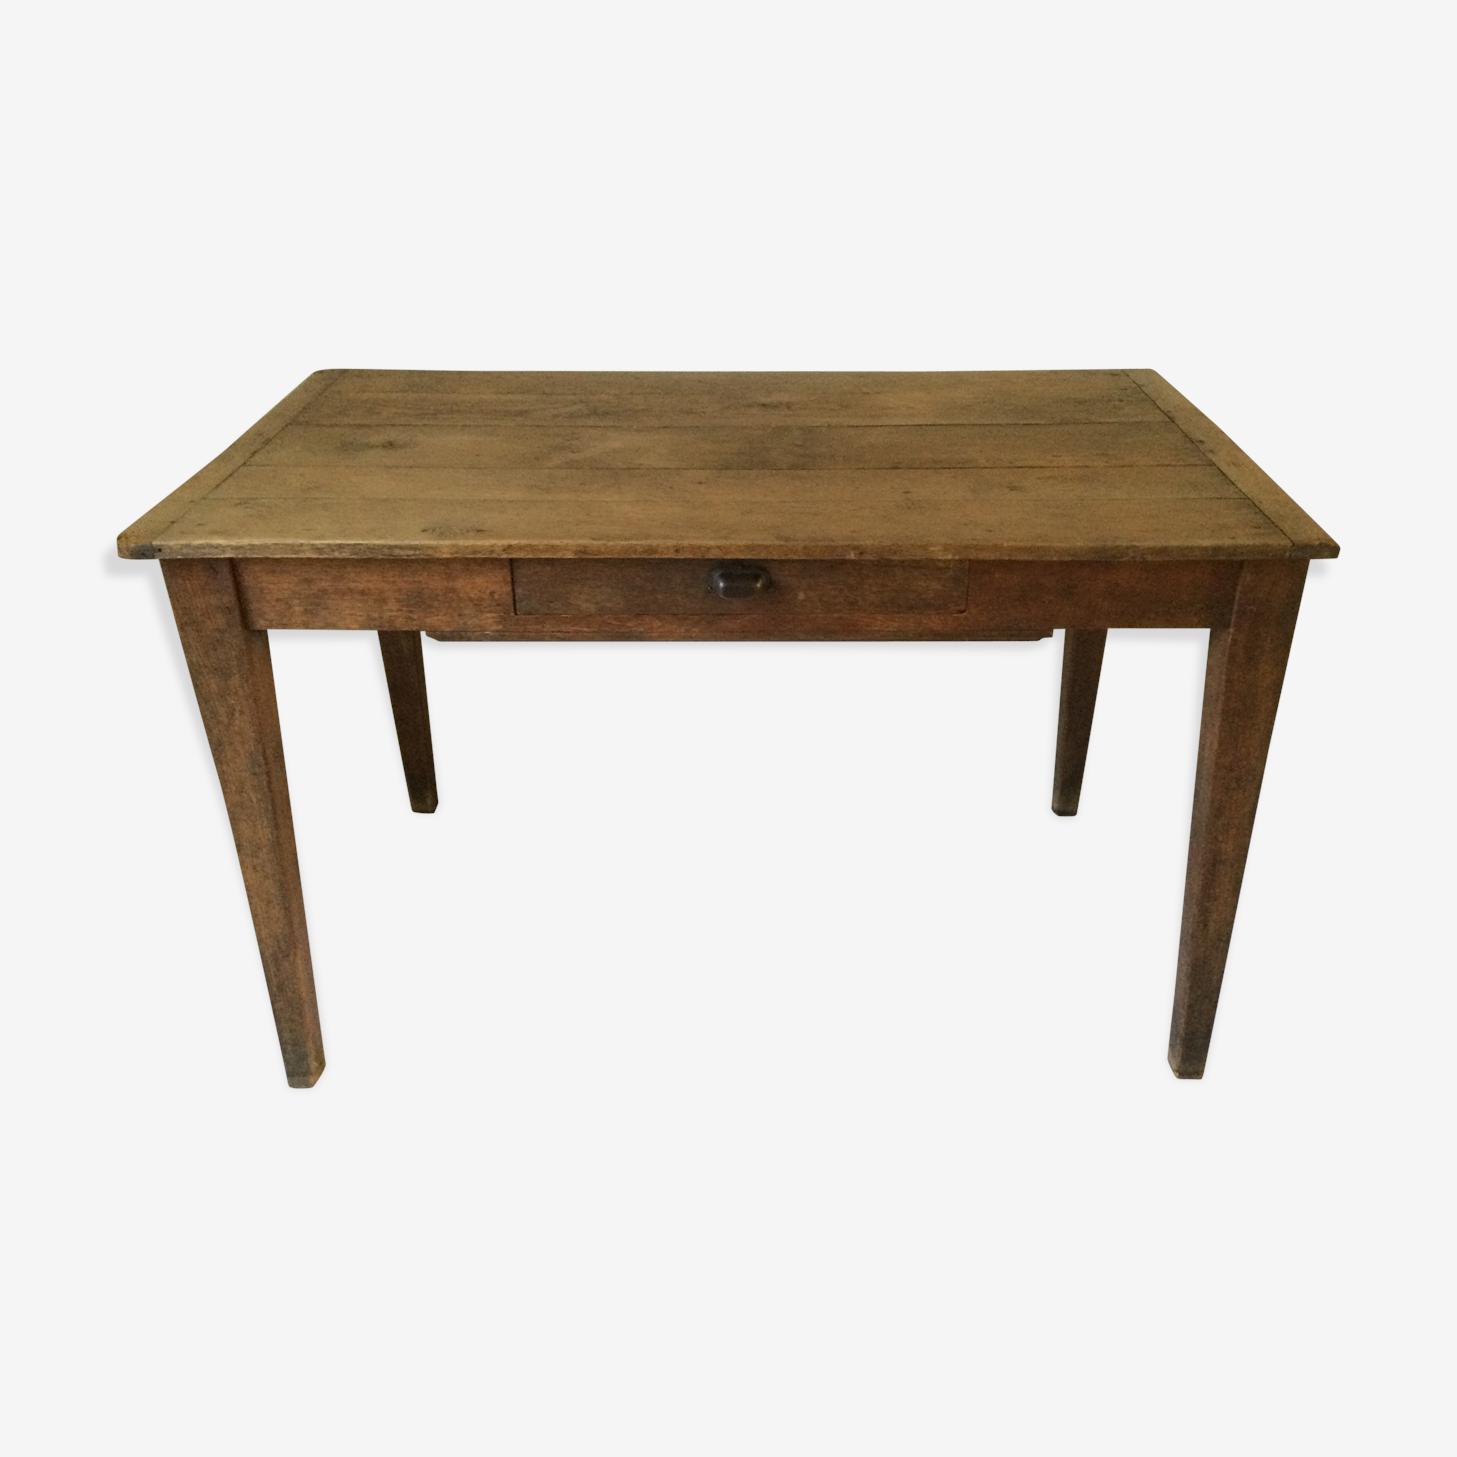 Table vintage années 50-60